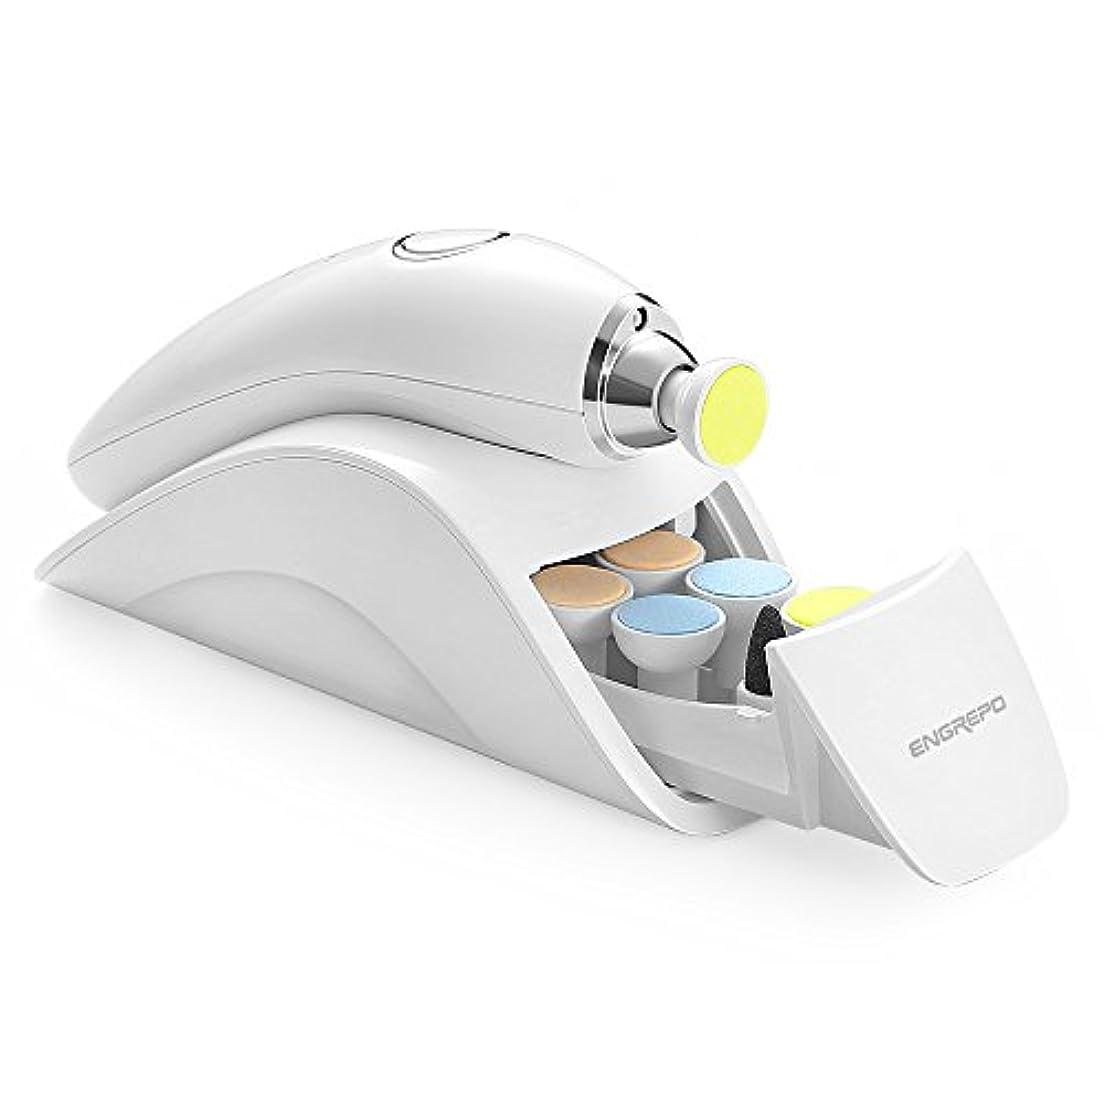 恐れる概念突然ENGREPO ベビーレーベル ネイルケアセット レーベル ホワイト(新生児~対象) ママにも使えるネイルケア(4種類の磨きヘッド、超低デシベル、3速ギア、LEDフィルインライト)円弧充電ベース隠し収納ボックス付き